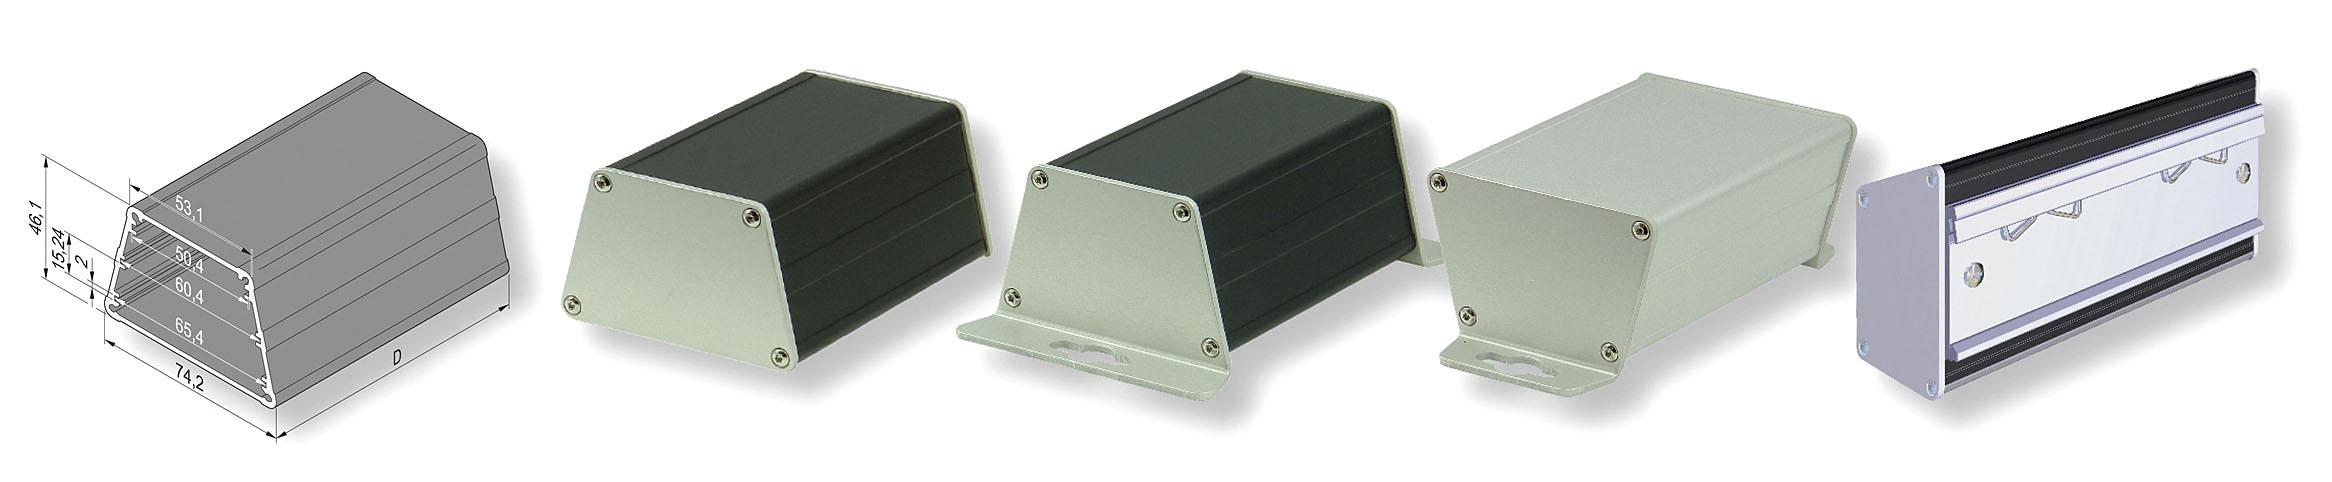 Универсальный корпус minipac для стандартных и нестандартных печатных плат